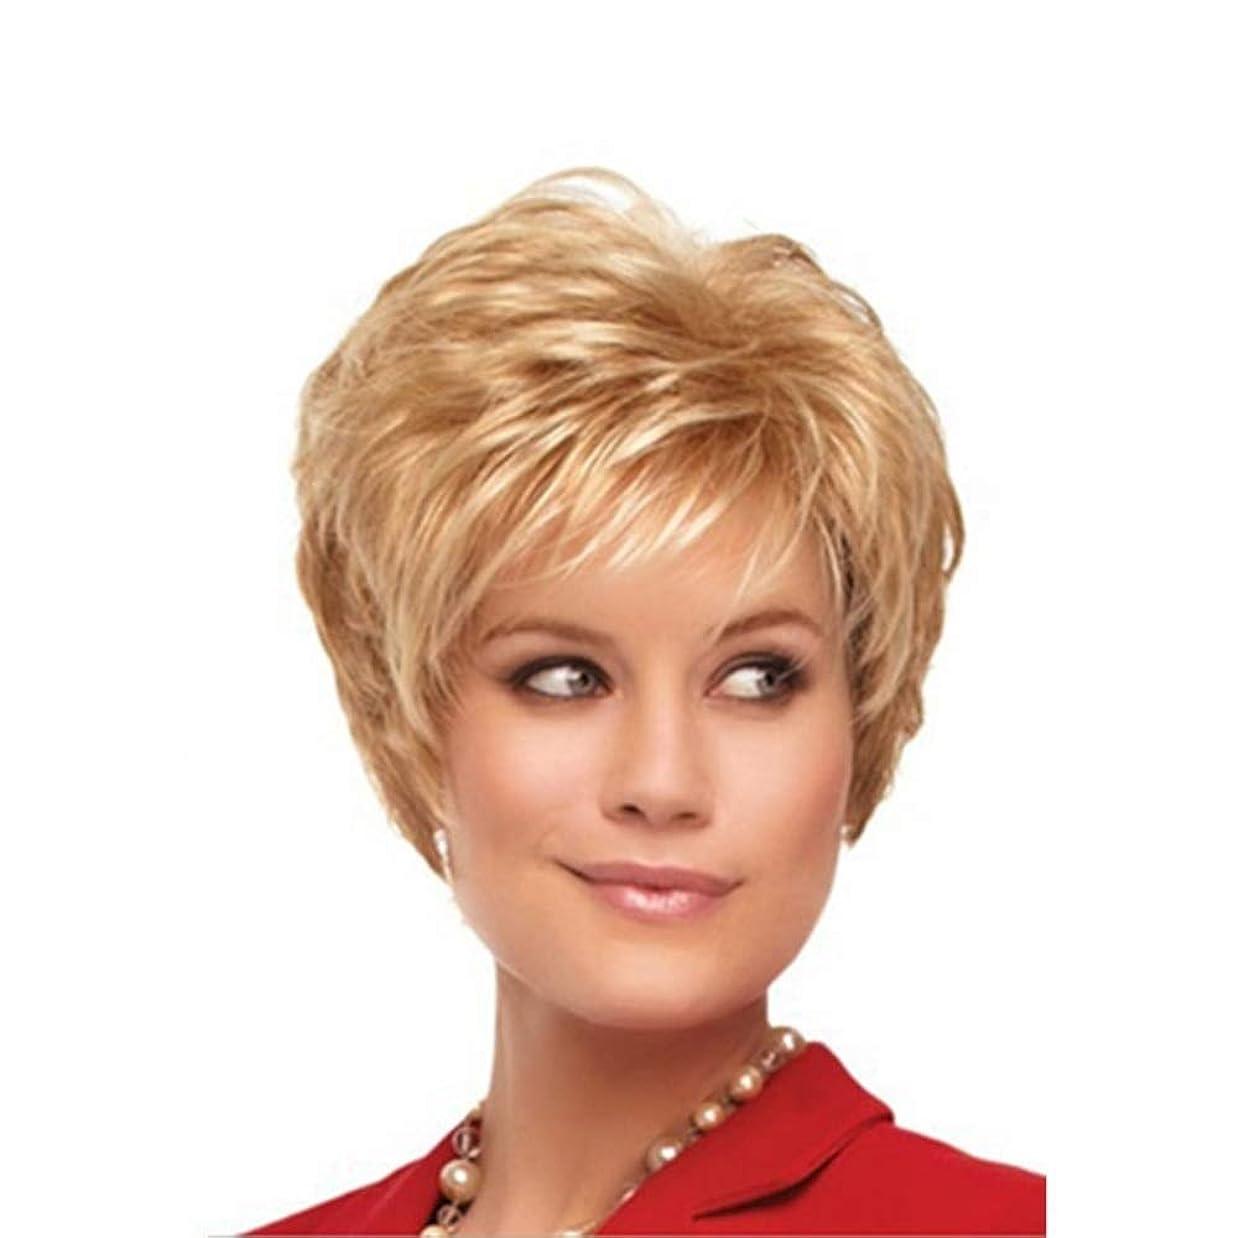 読者スパイラル大使WASAIO レディースショートウィッグサマースタイルフルウェーブカーリー (色 : Blonde)